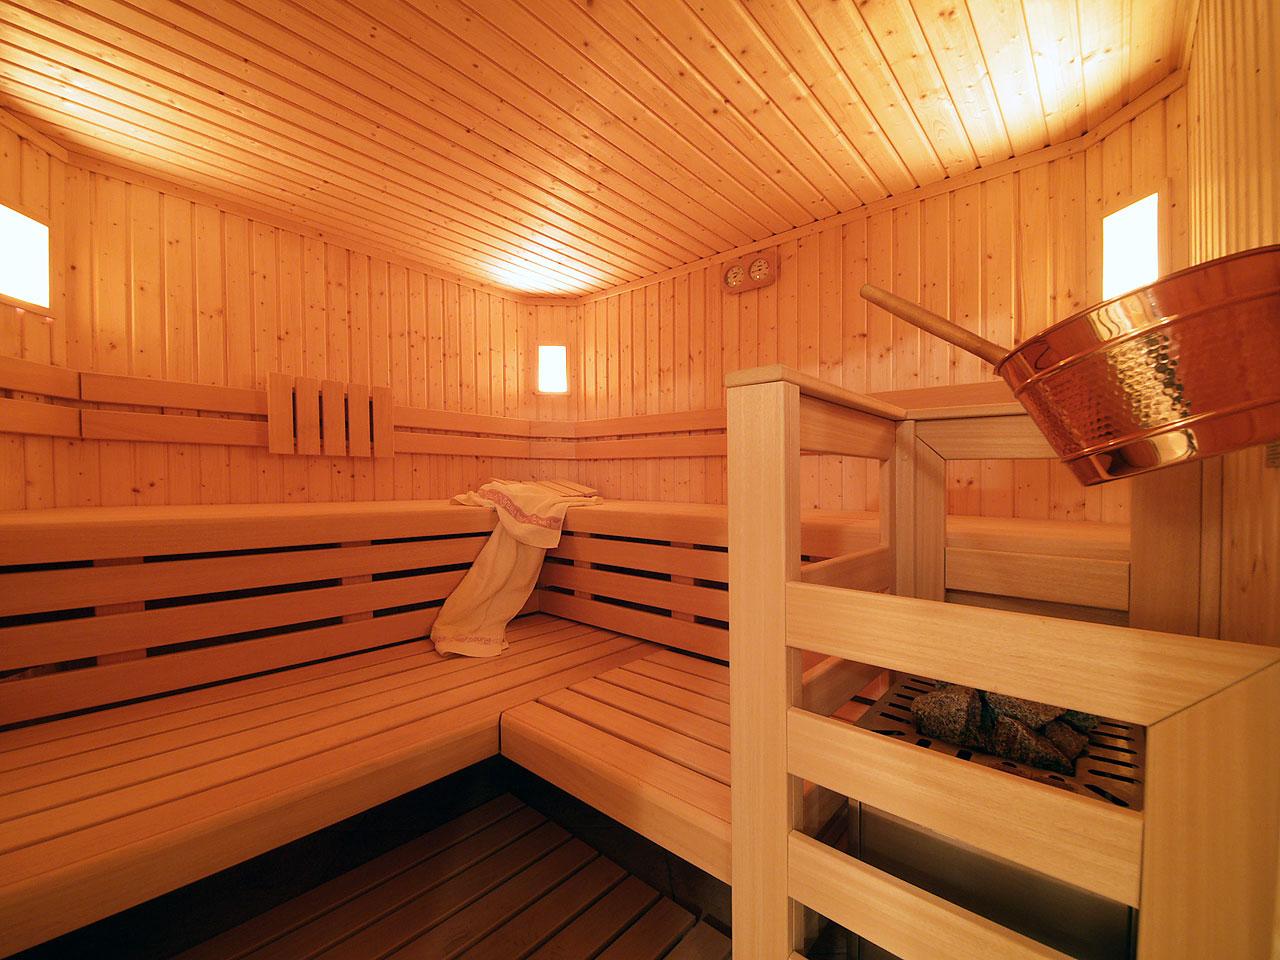 Künstlerisch Sauna Bilder Referenz Von Wellnesshotel